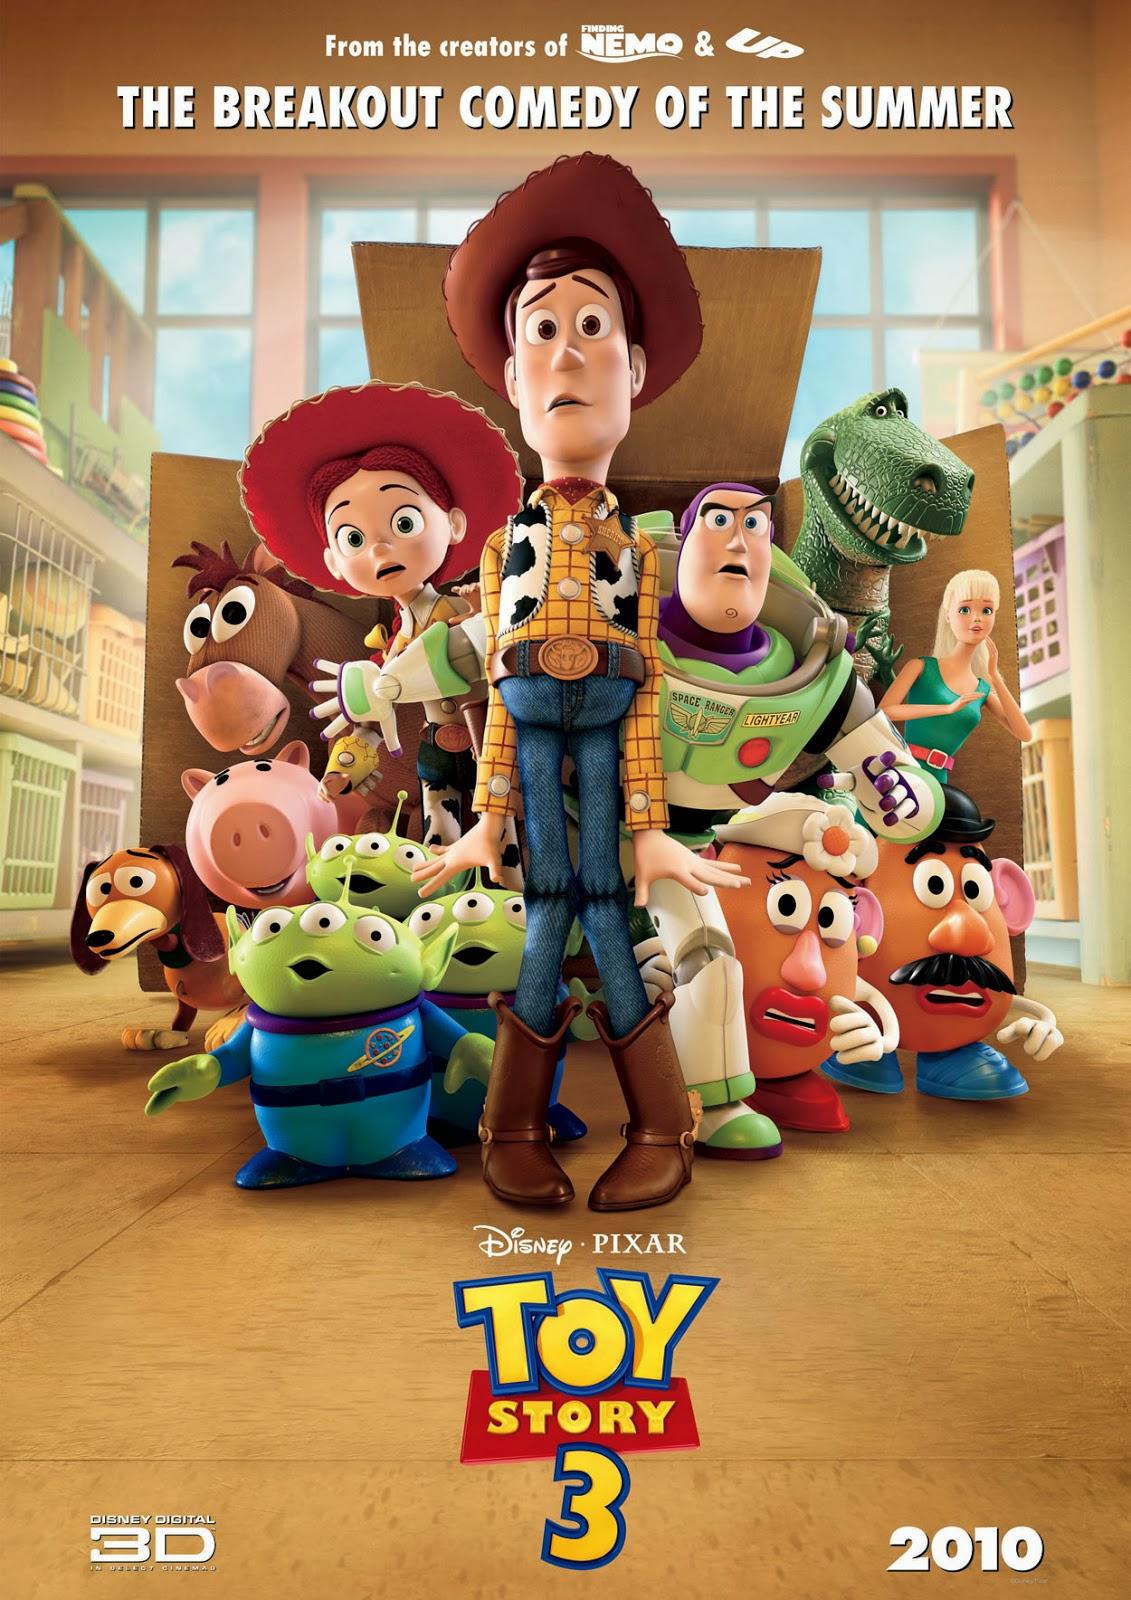 Toy Story 3 Oyuncak Hikayesi 3 Türkçe Dublaj Indir